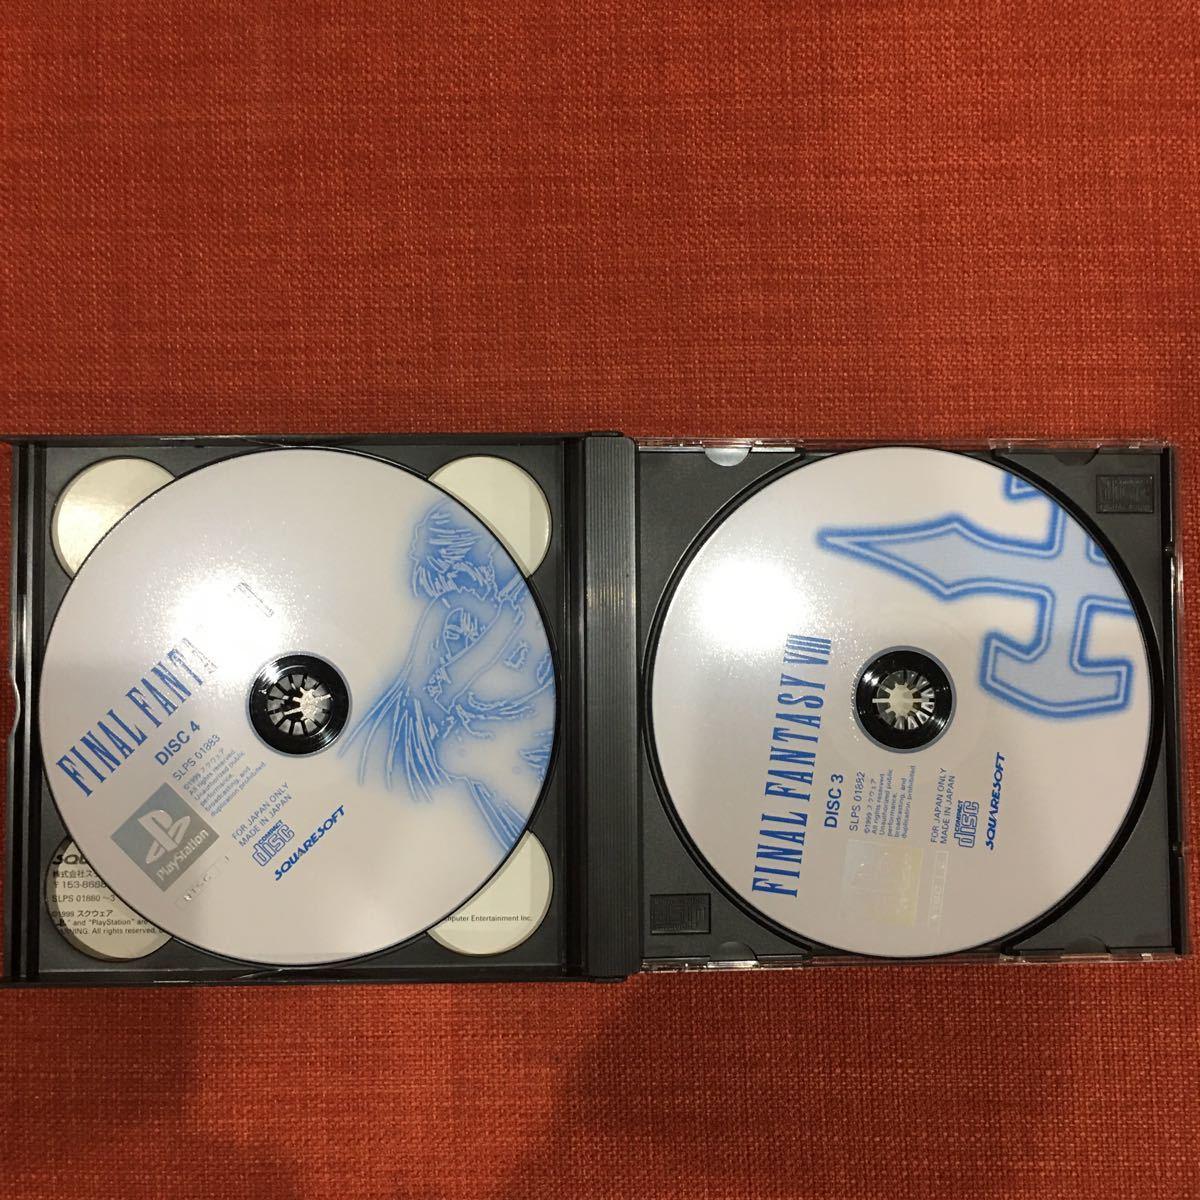 ファイナルファンタジーVIII[SCPS-45375](Playstation)